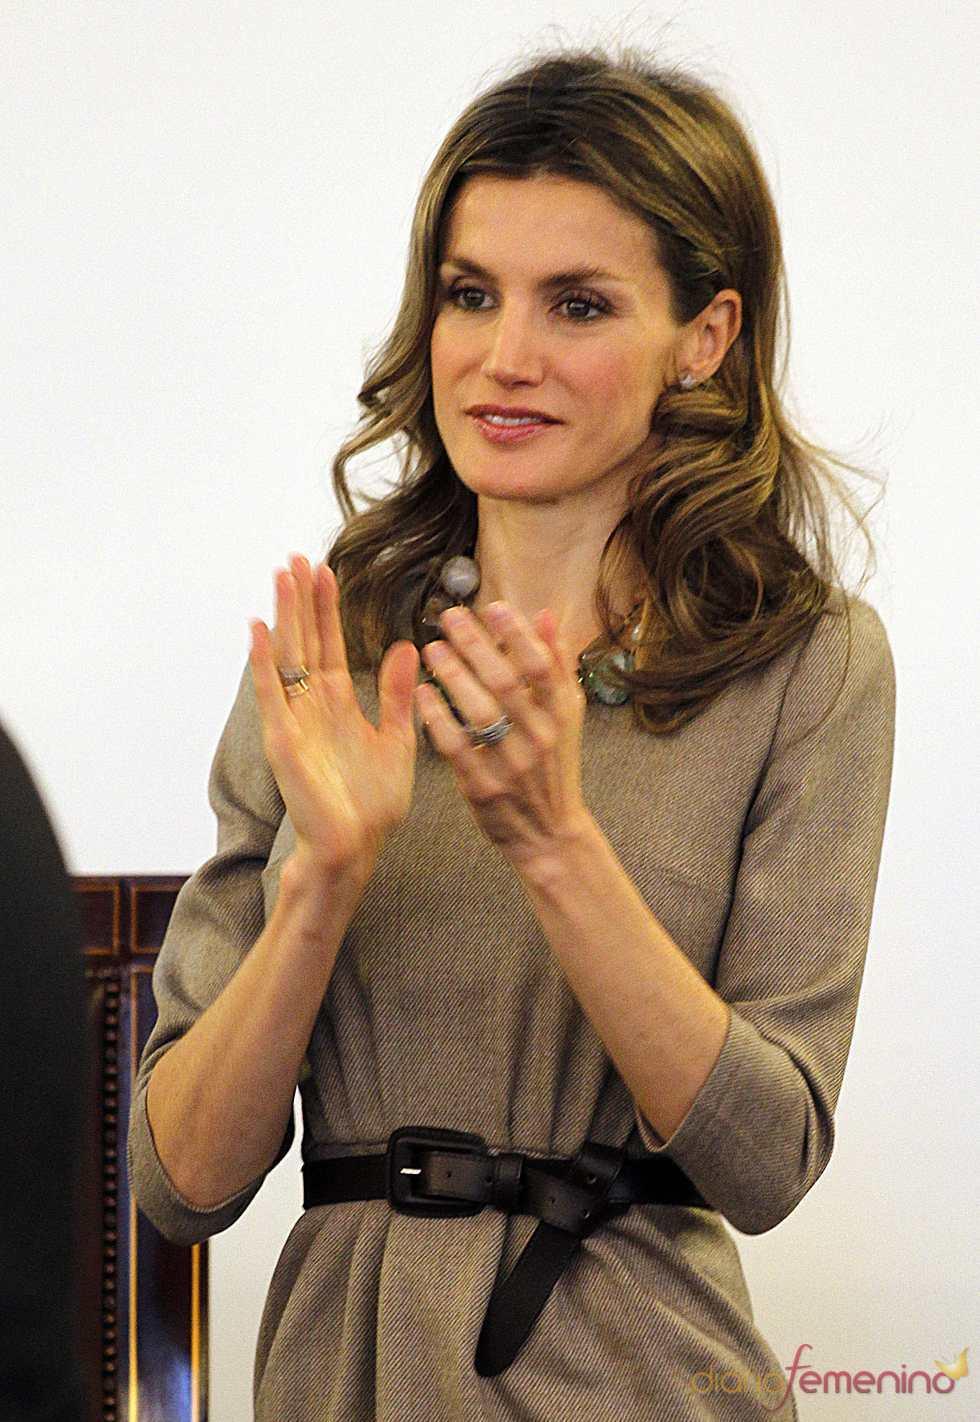 La Princesa de Asturias, muy sonriente antes los rumores de embarazo